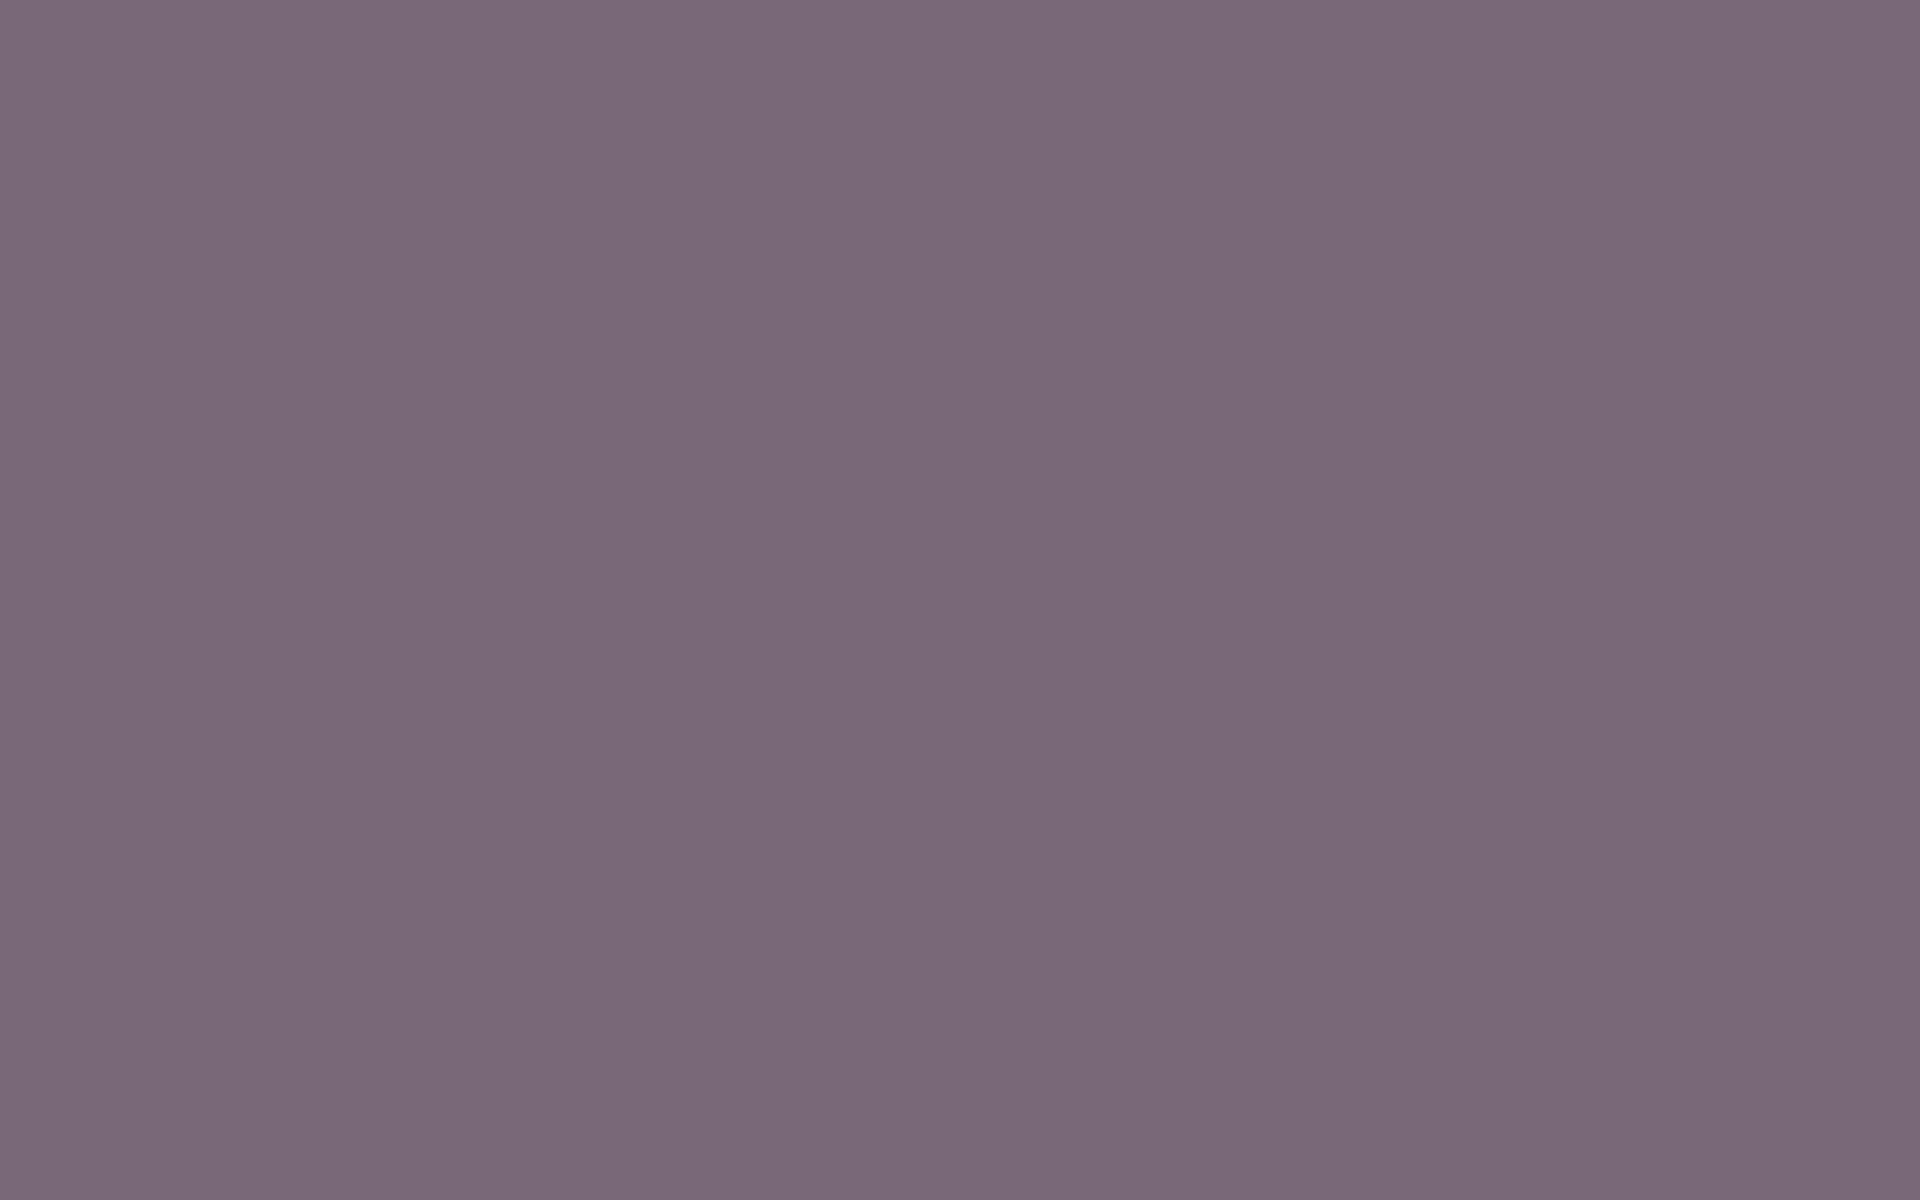 1920x1200 Old Lavender Solid Color Background